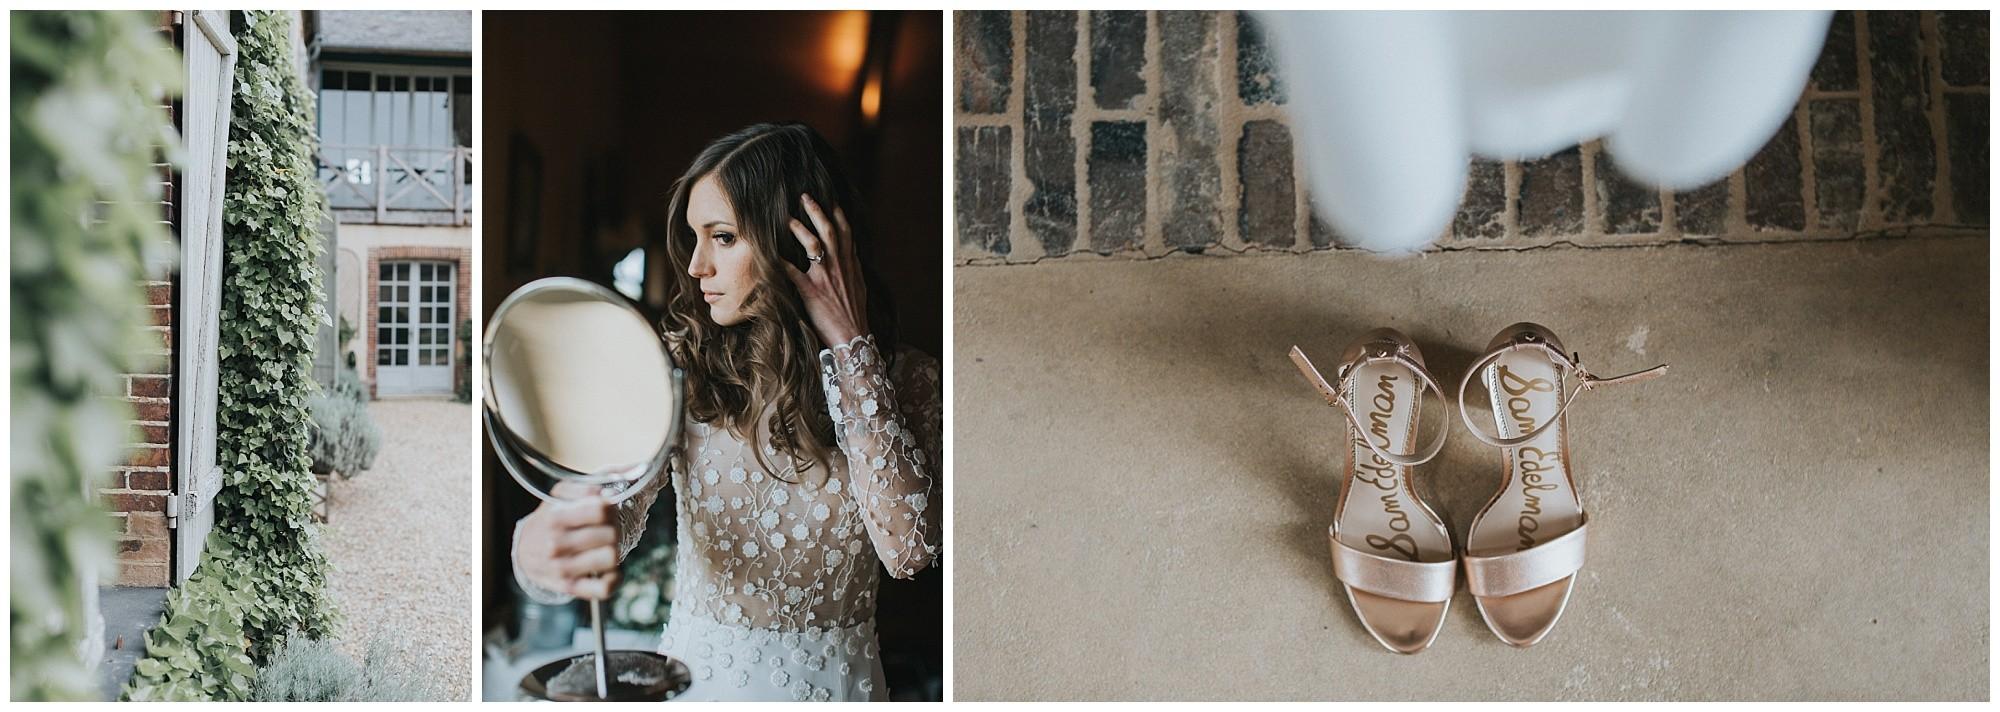 """Kateryna-photos-photographer-reims-domaine-des-evis-mariage-normandie-rime-arodaky_-portrait-de-la-mariee-s""""habille-regarde-dans-le-miroir"""